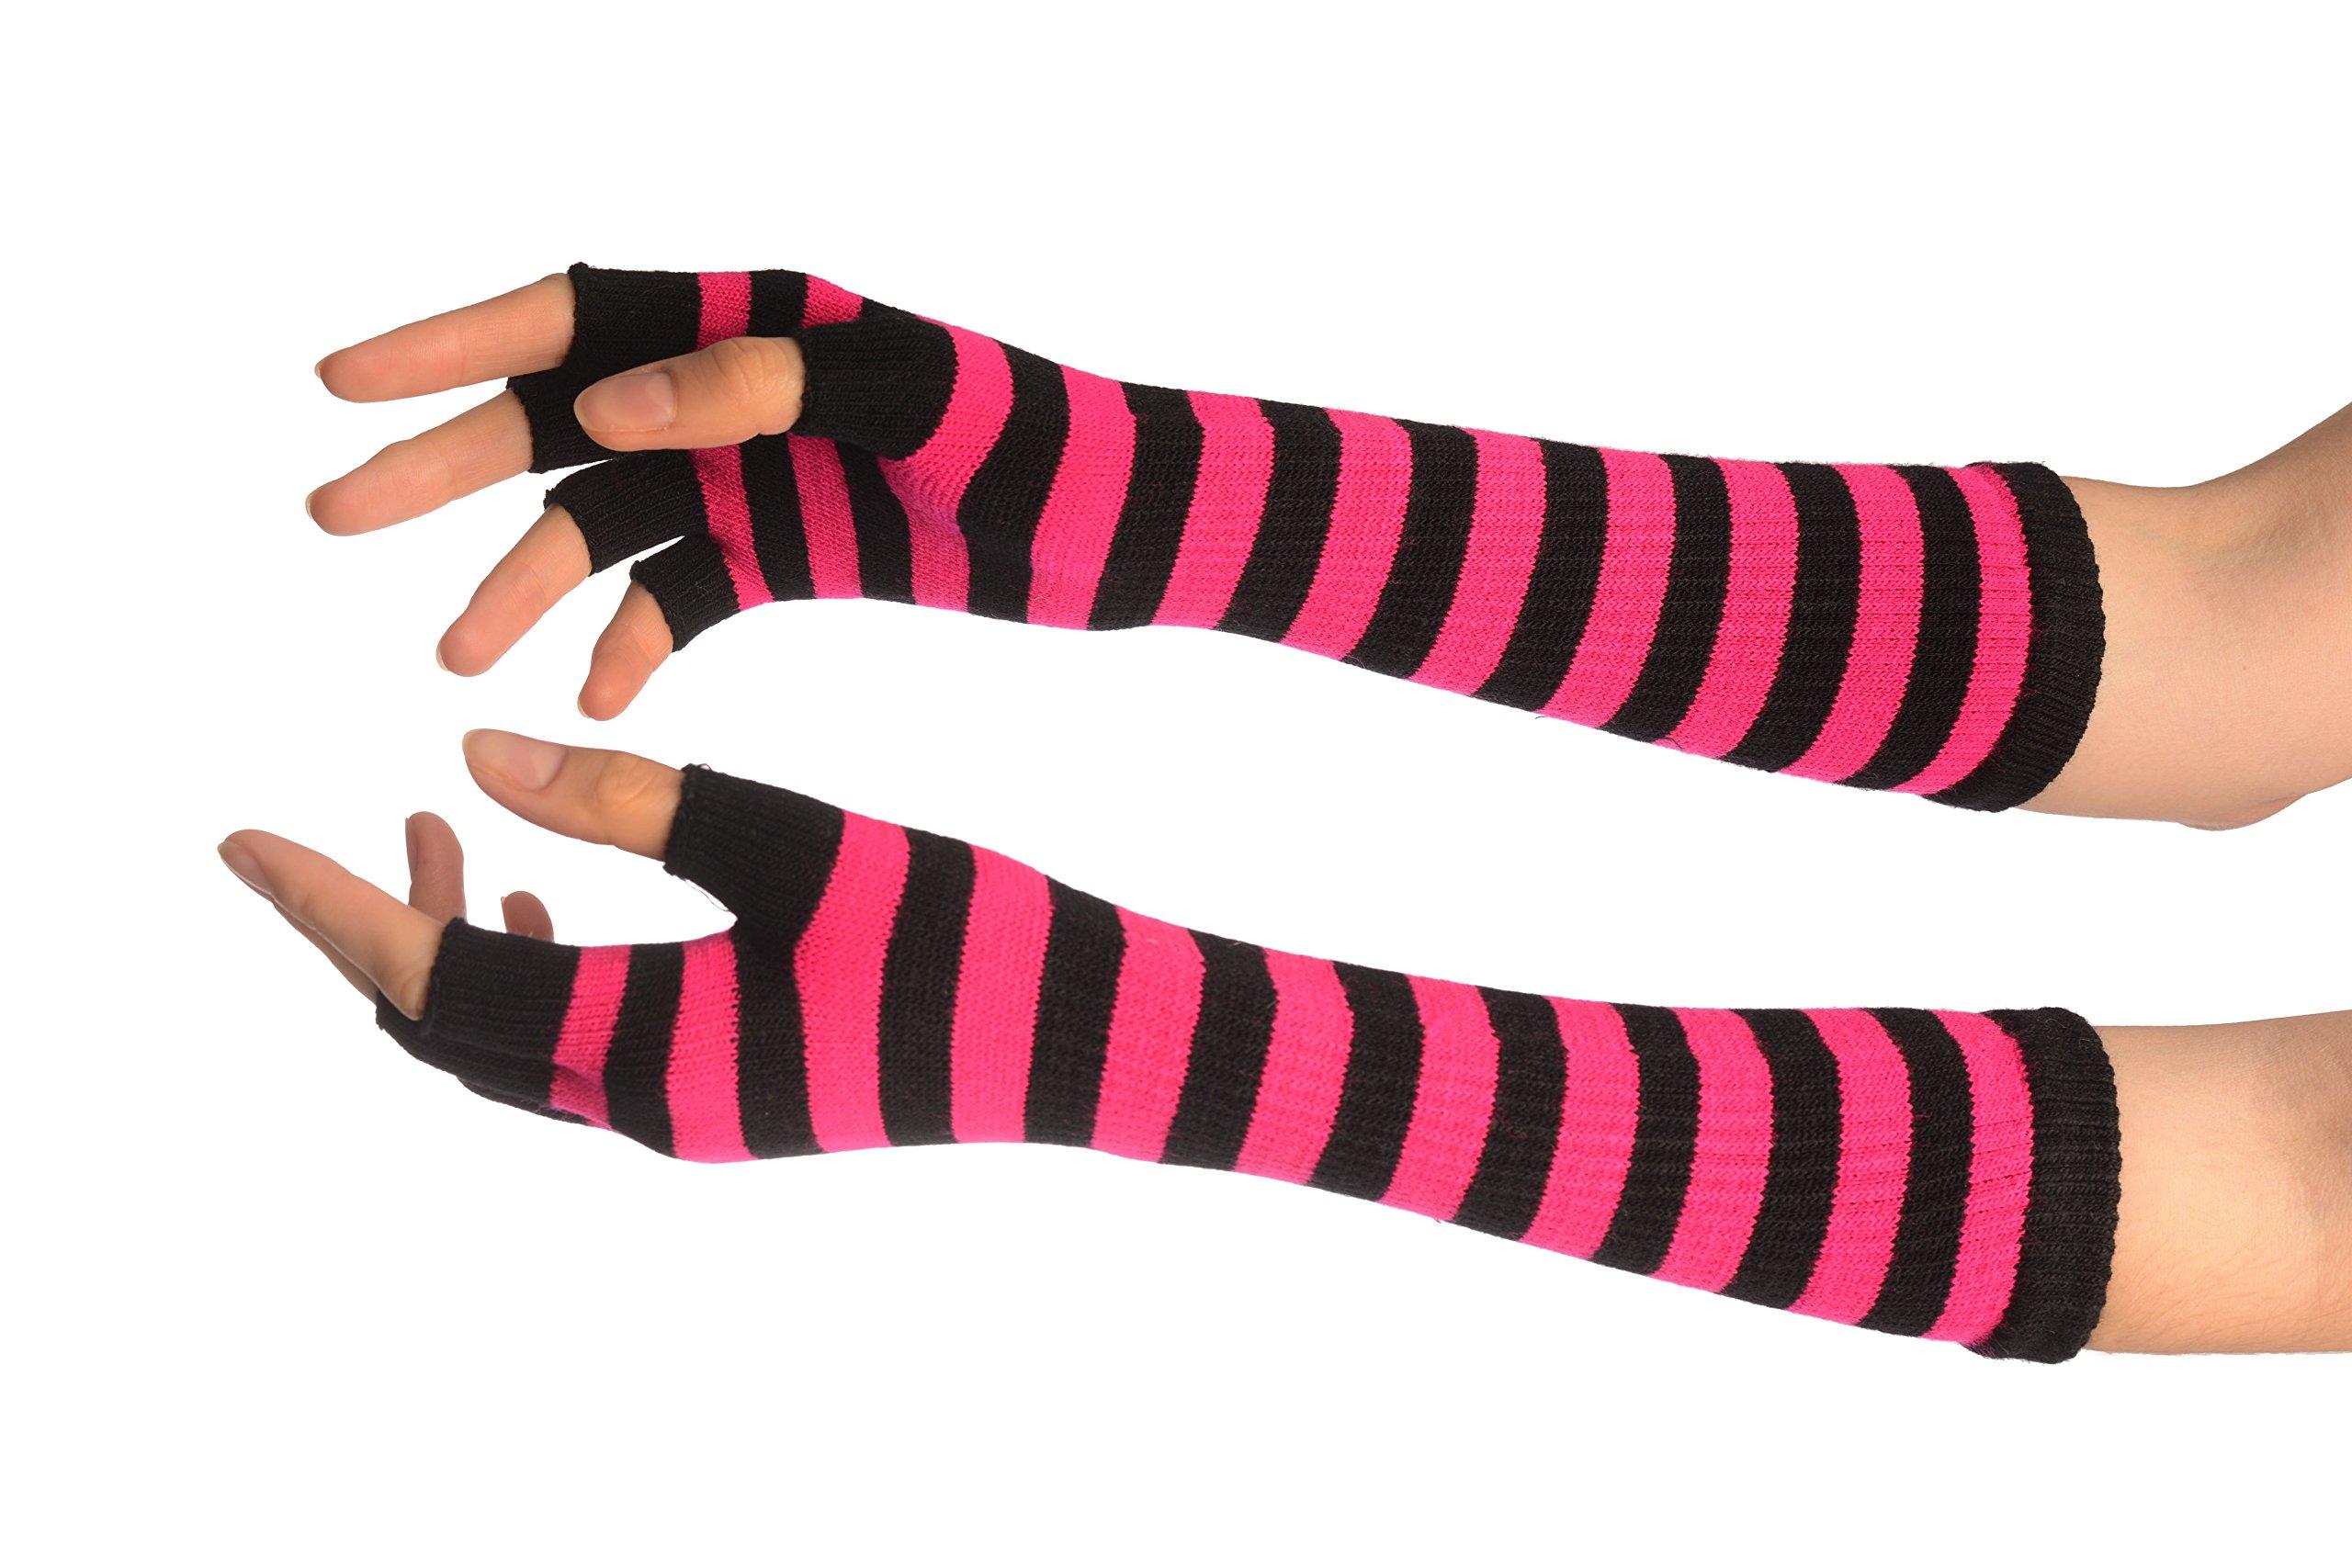 Pink & Black Stripes Fingerless Gloves - Gloves